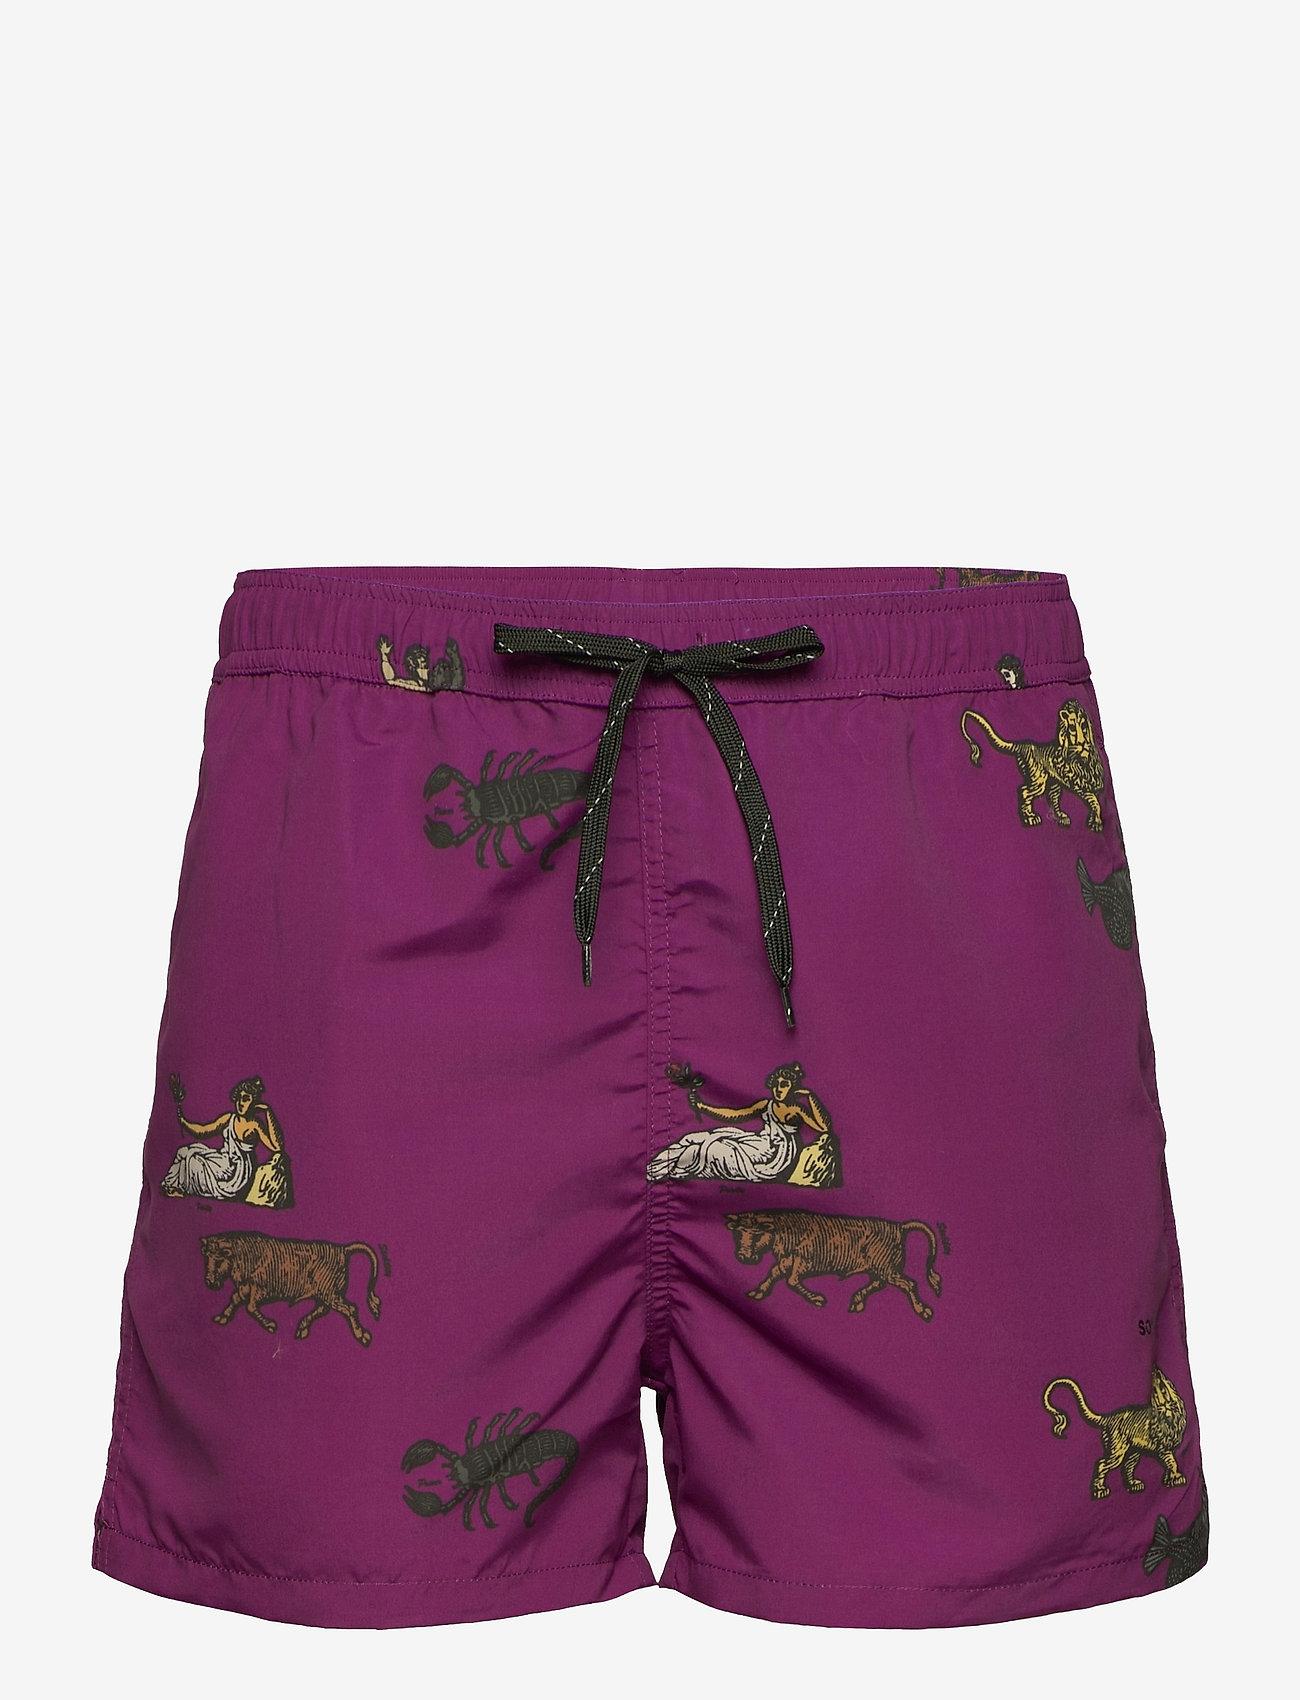 Soulland - William shorts - short décontracté - purple aop - 1